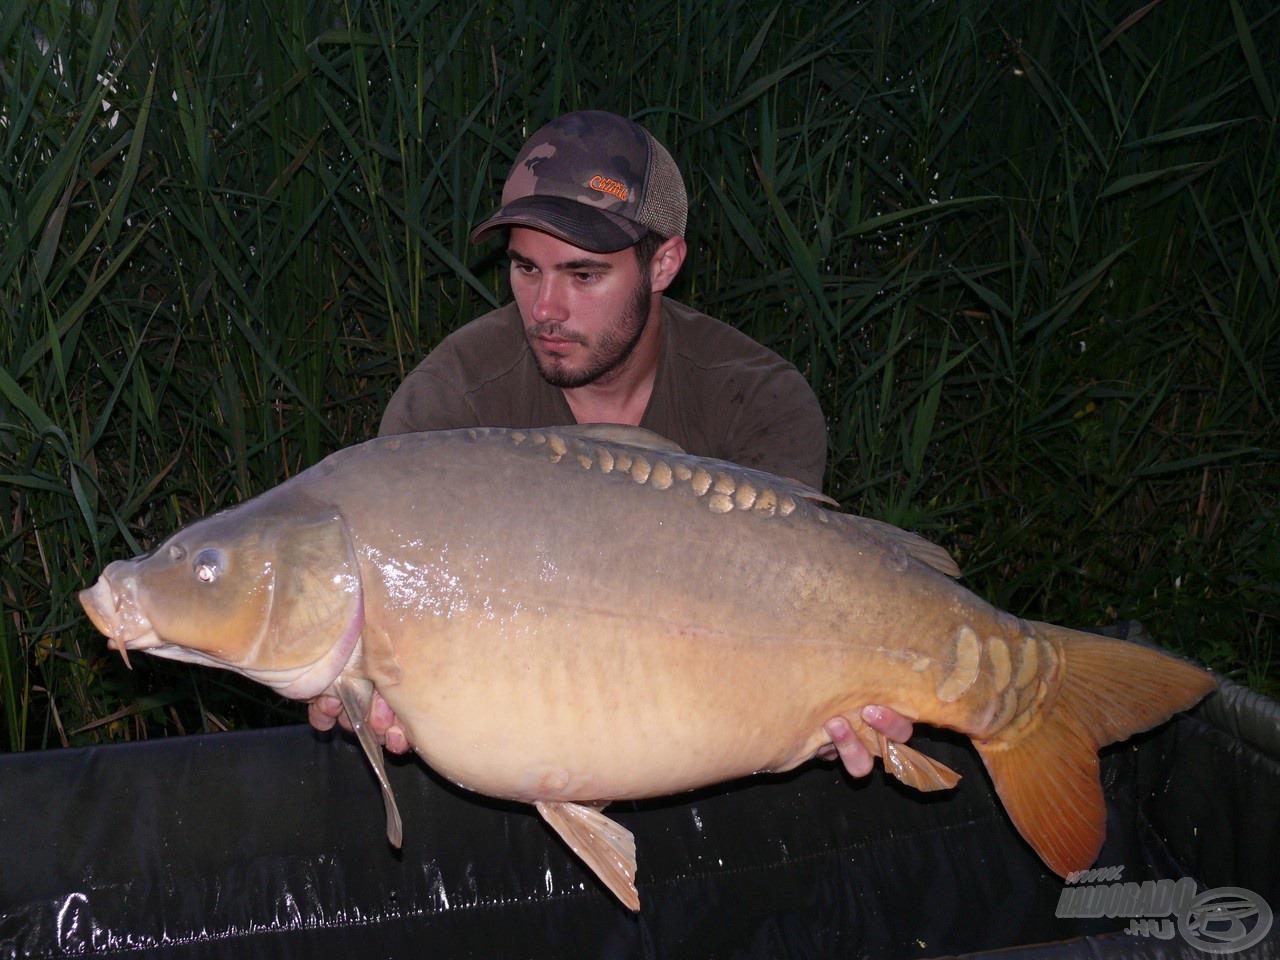 Nem sokkal később besétált a túra legnagyobb hala egy szép és egészséges tükrös személyében